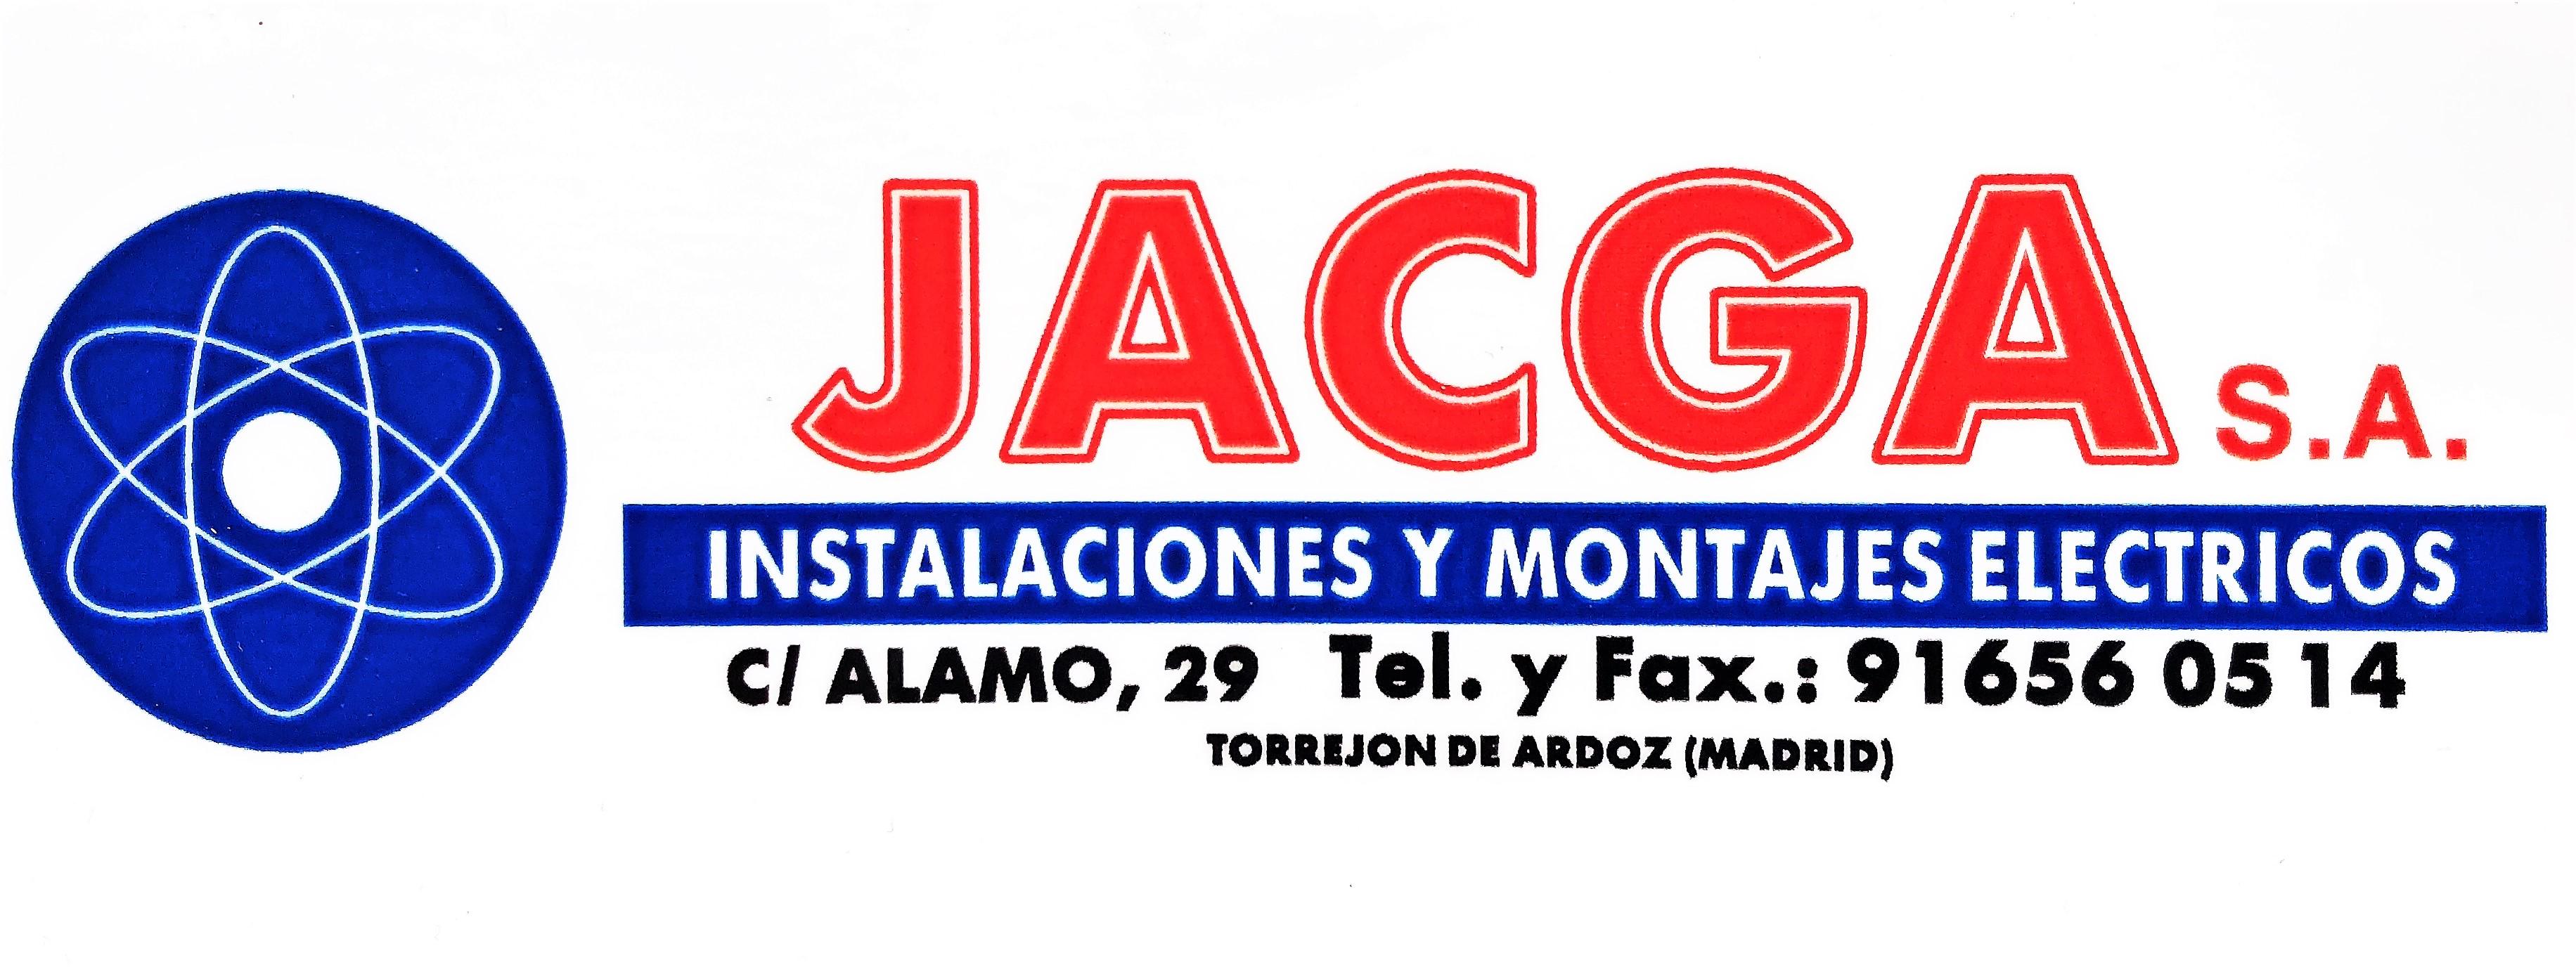 Jacga